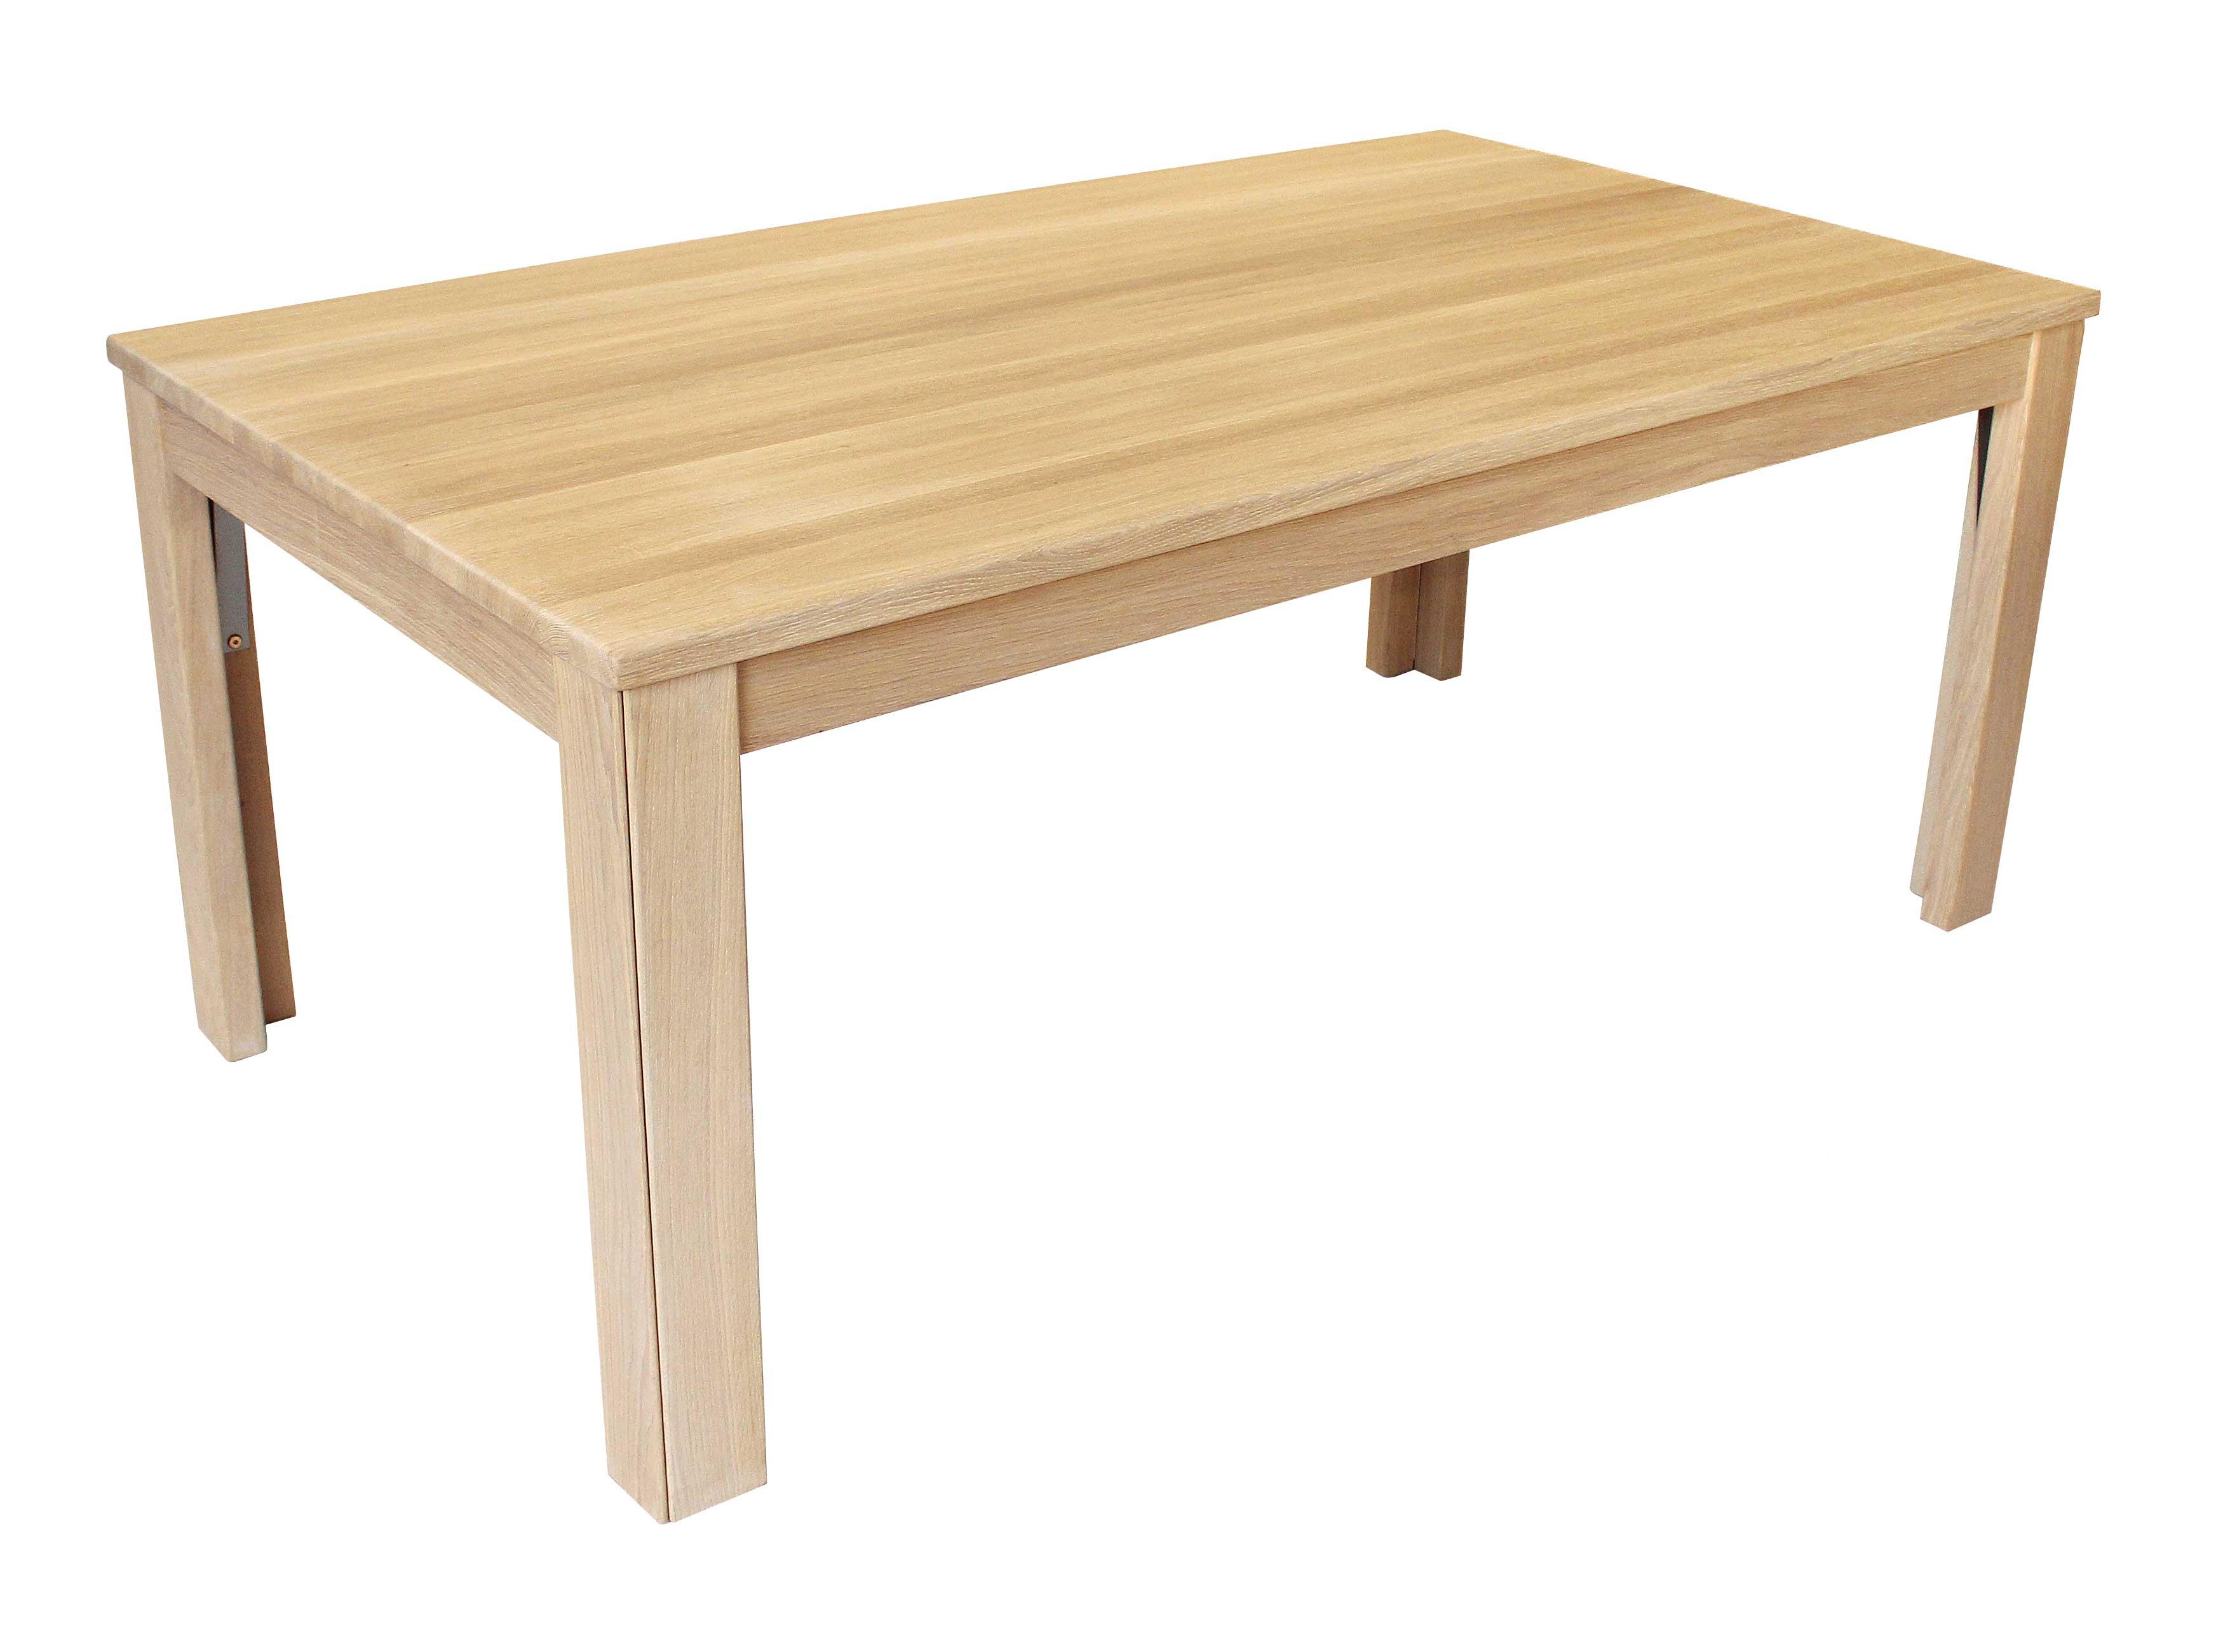 Lynne spisebord, Dansk design & produktion : Vannerup Møbelfabrik